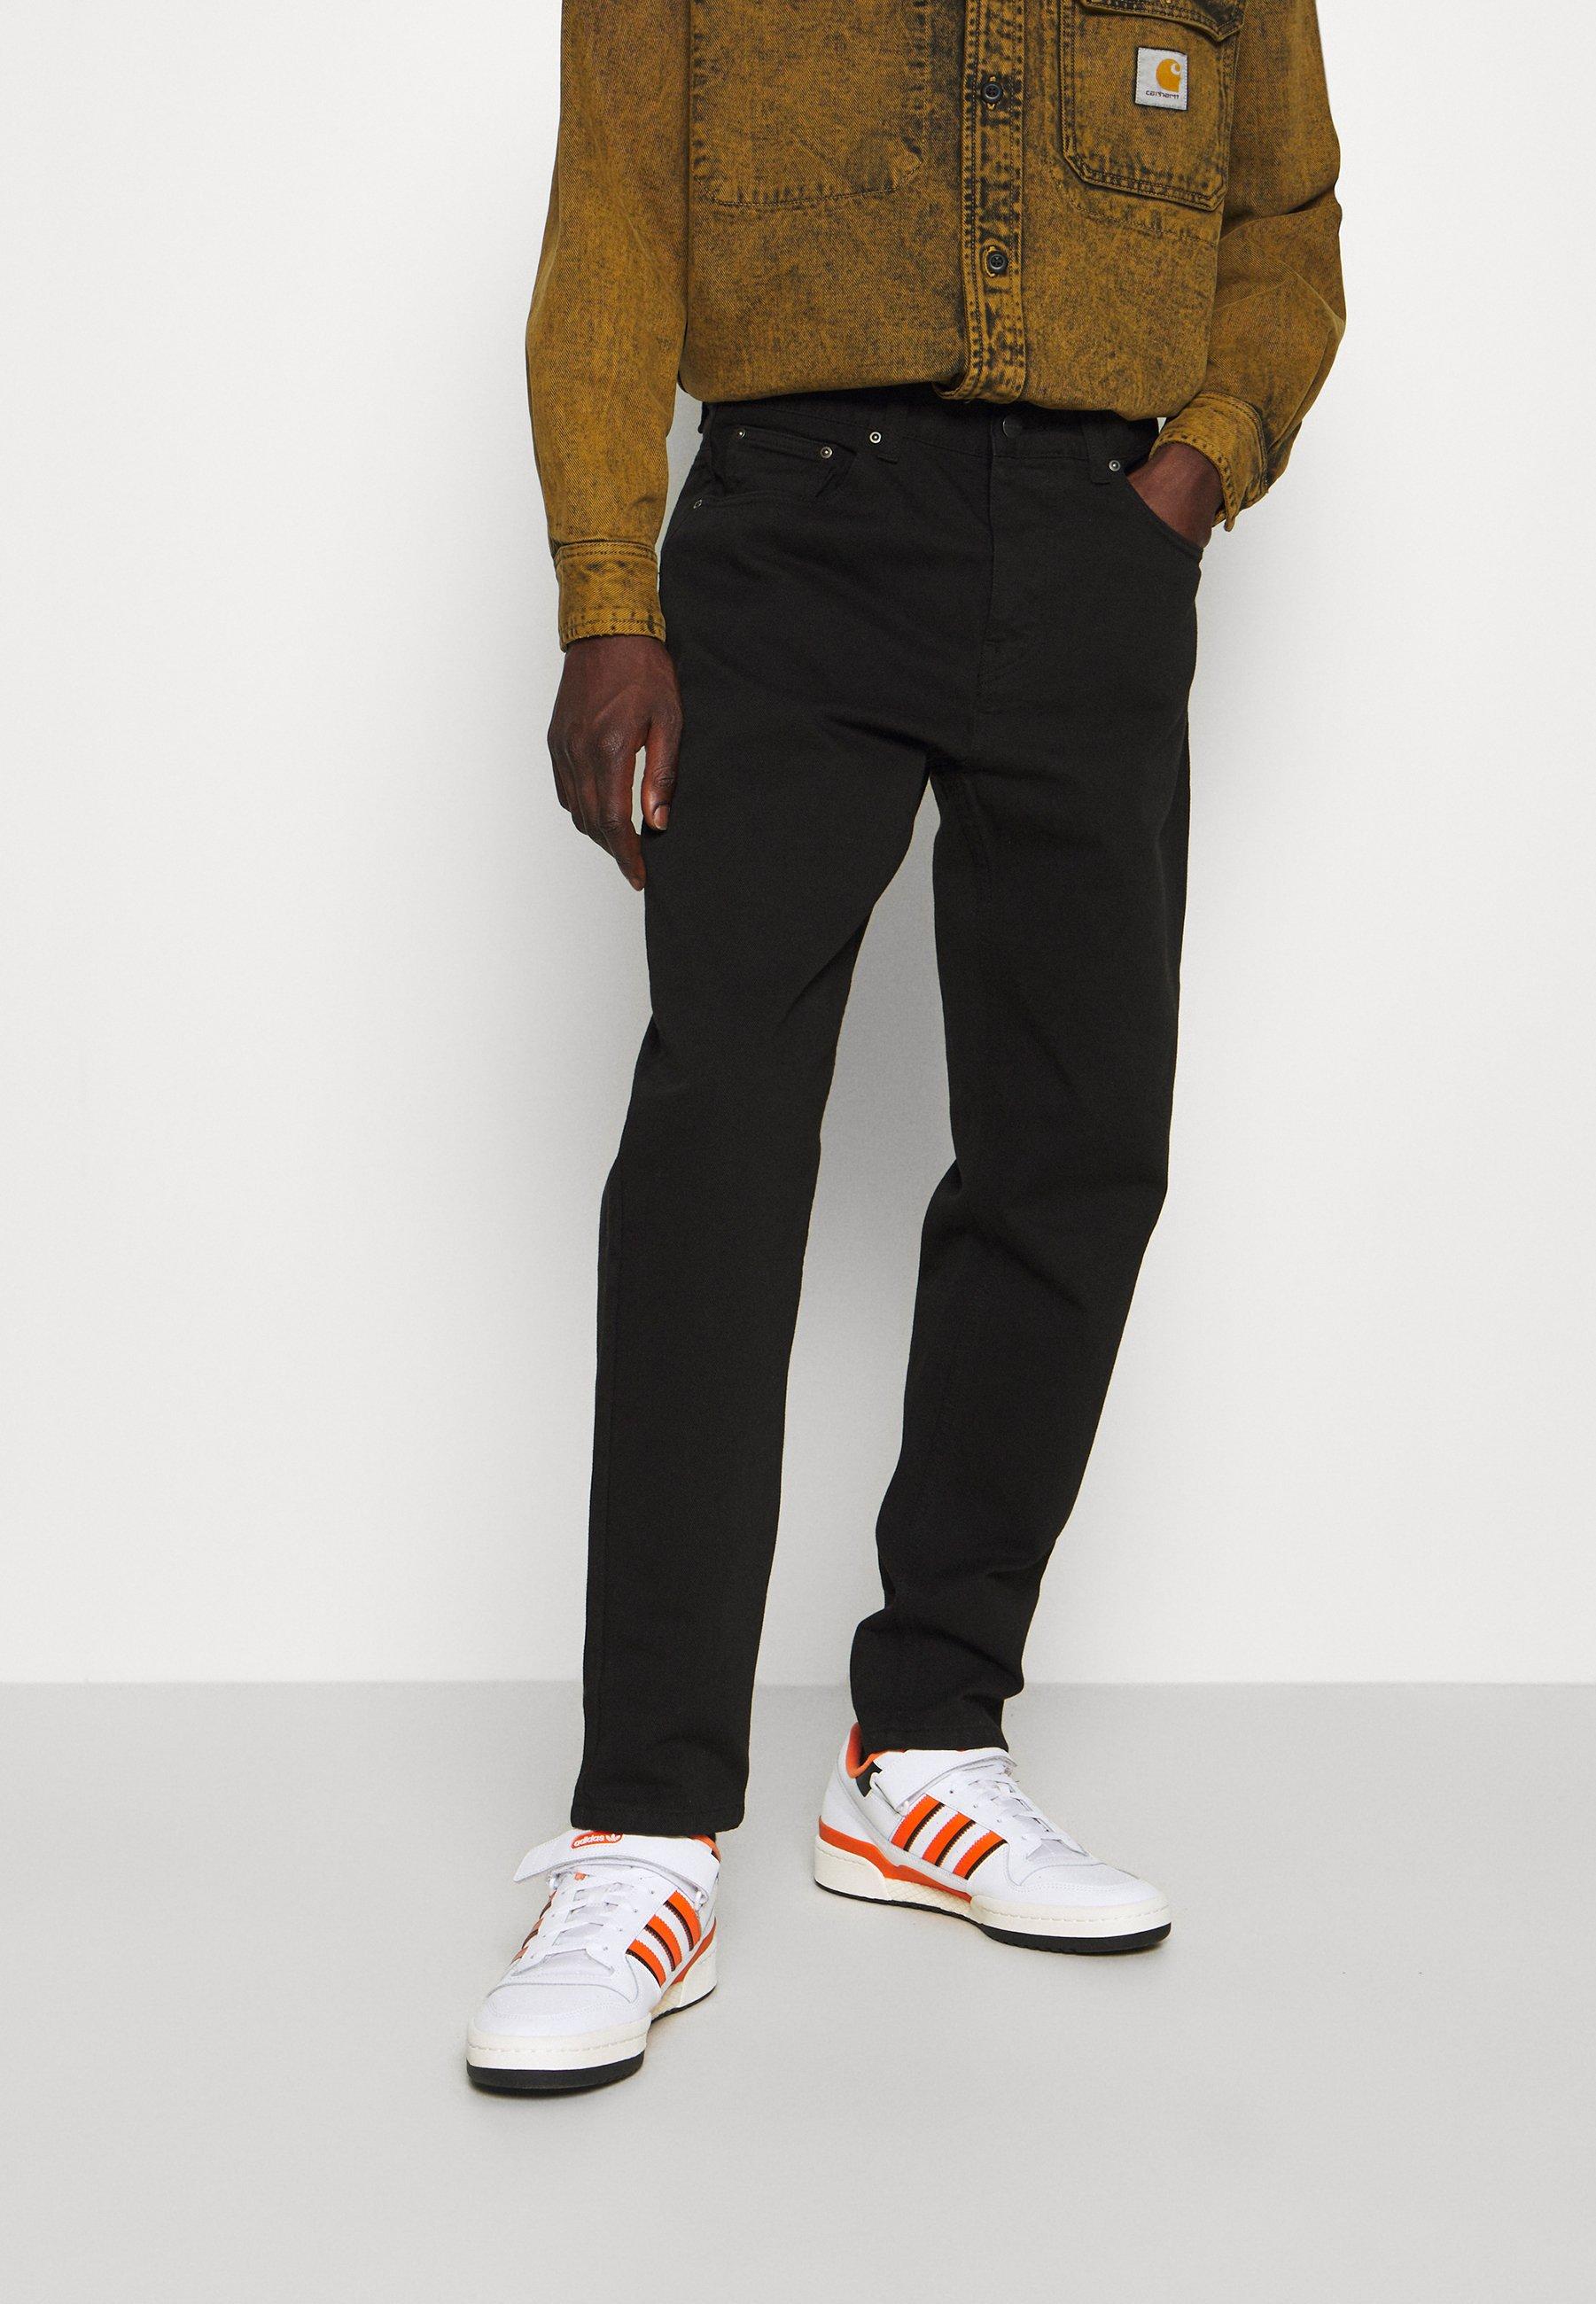 Homme NEWEL PANT ALTOONA - Pantalon classique - black garment